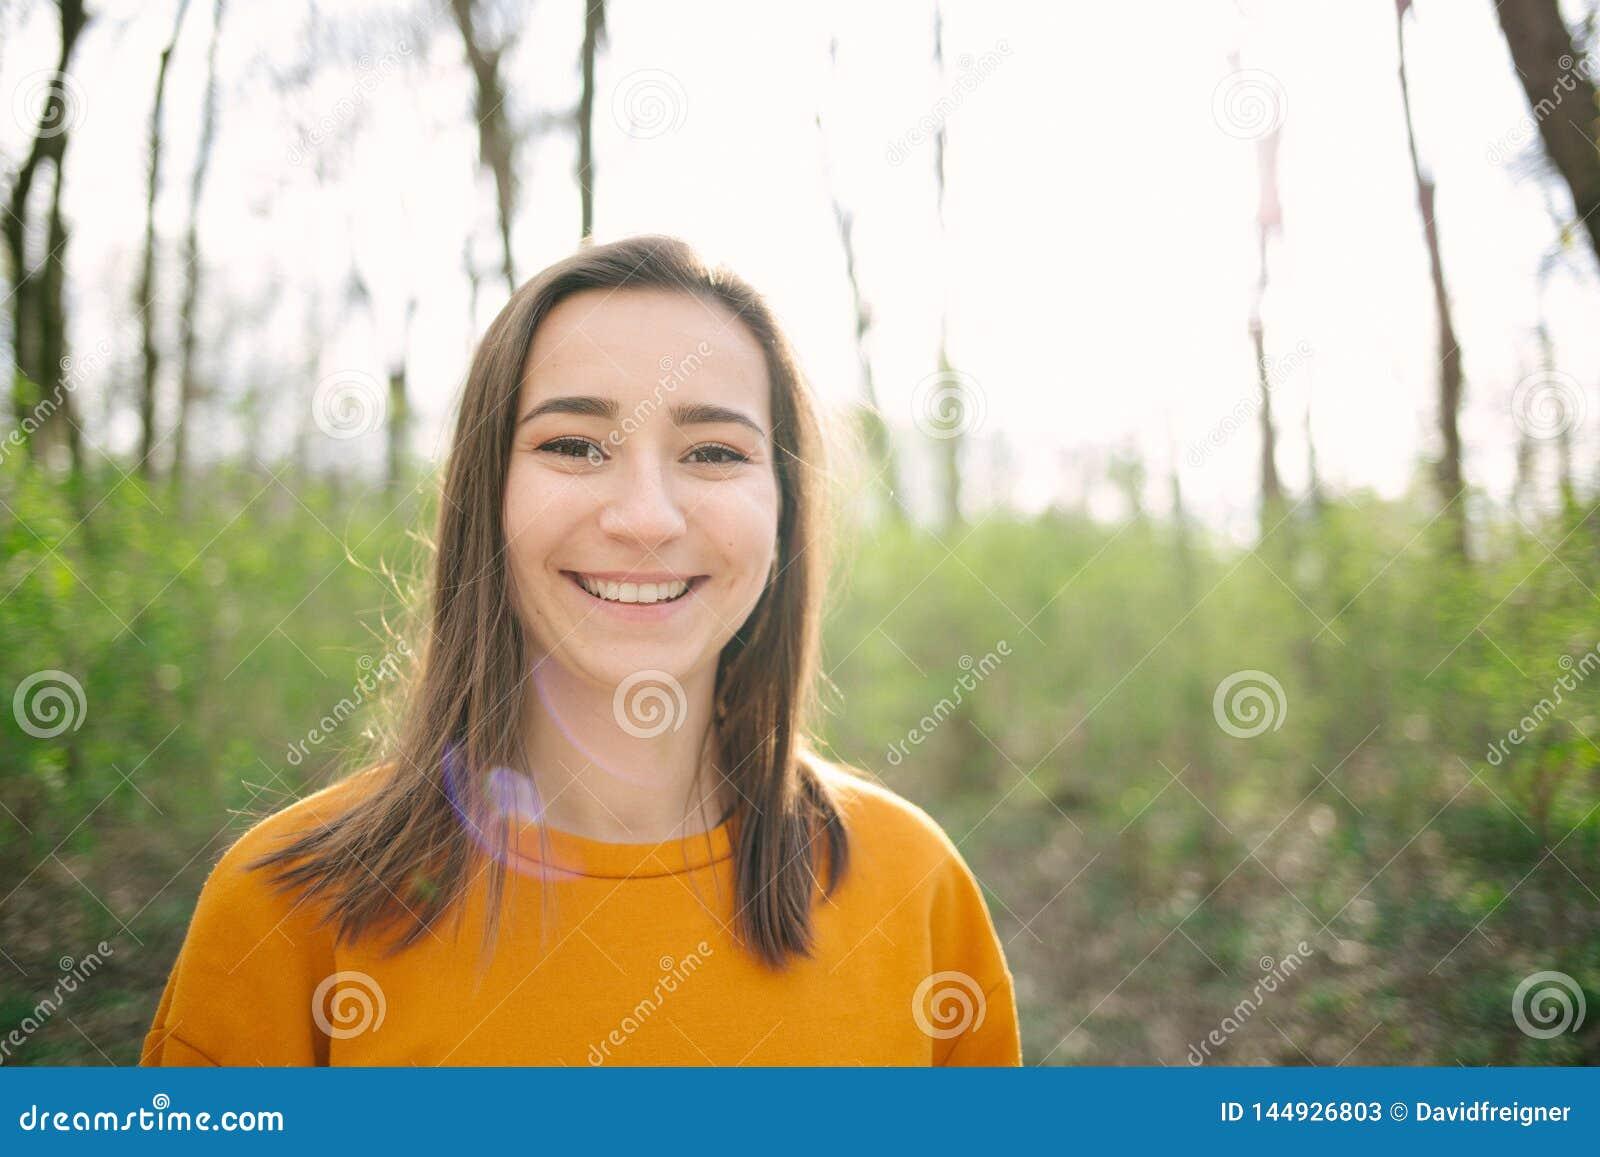 Junge und attracive Frauenstellung und im Wald lachen